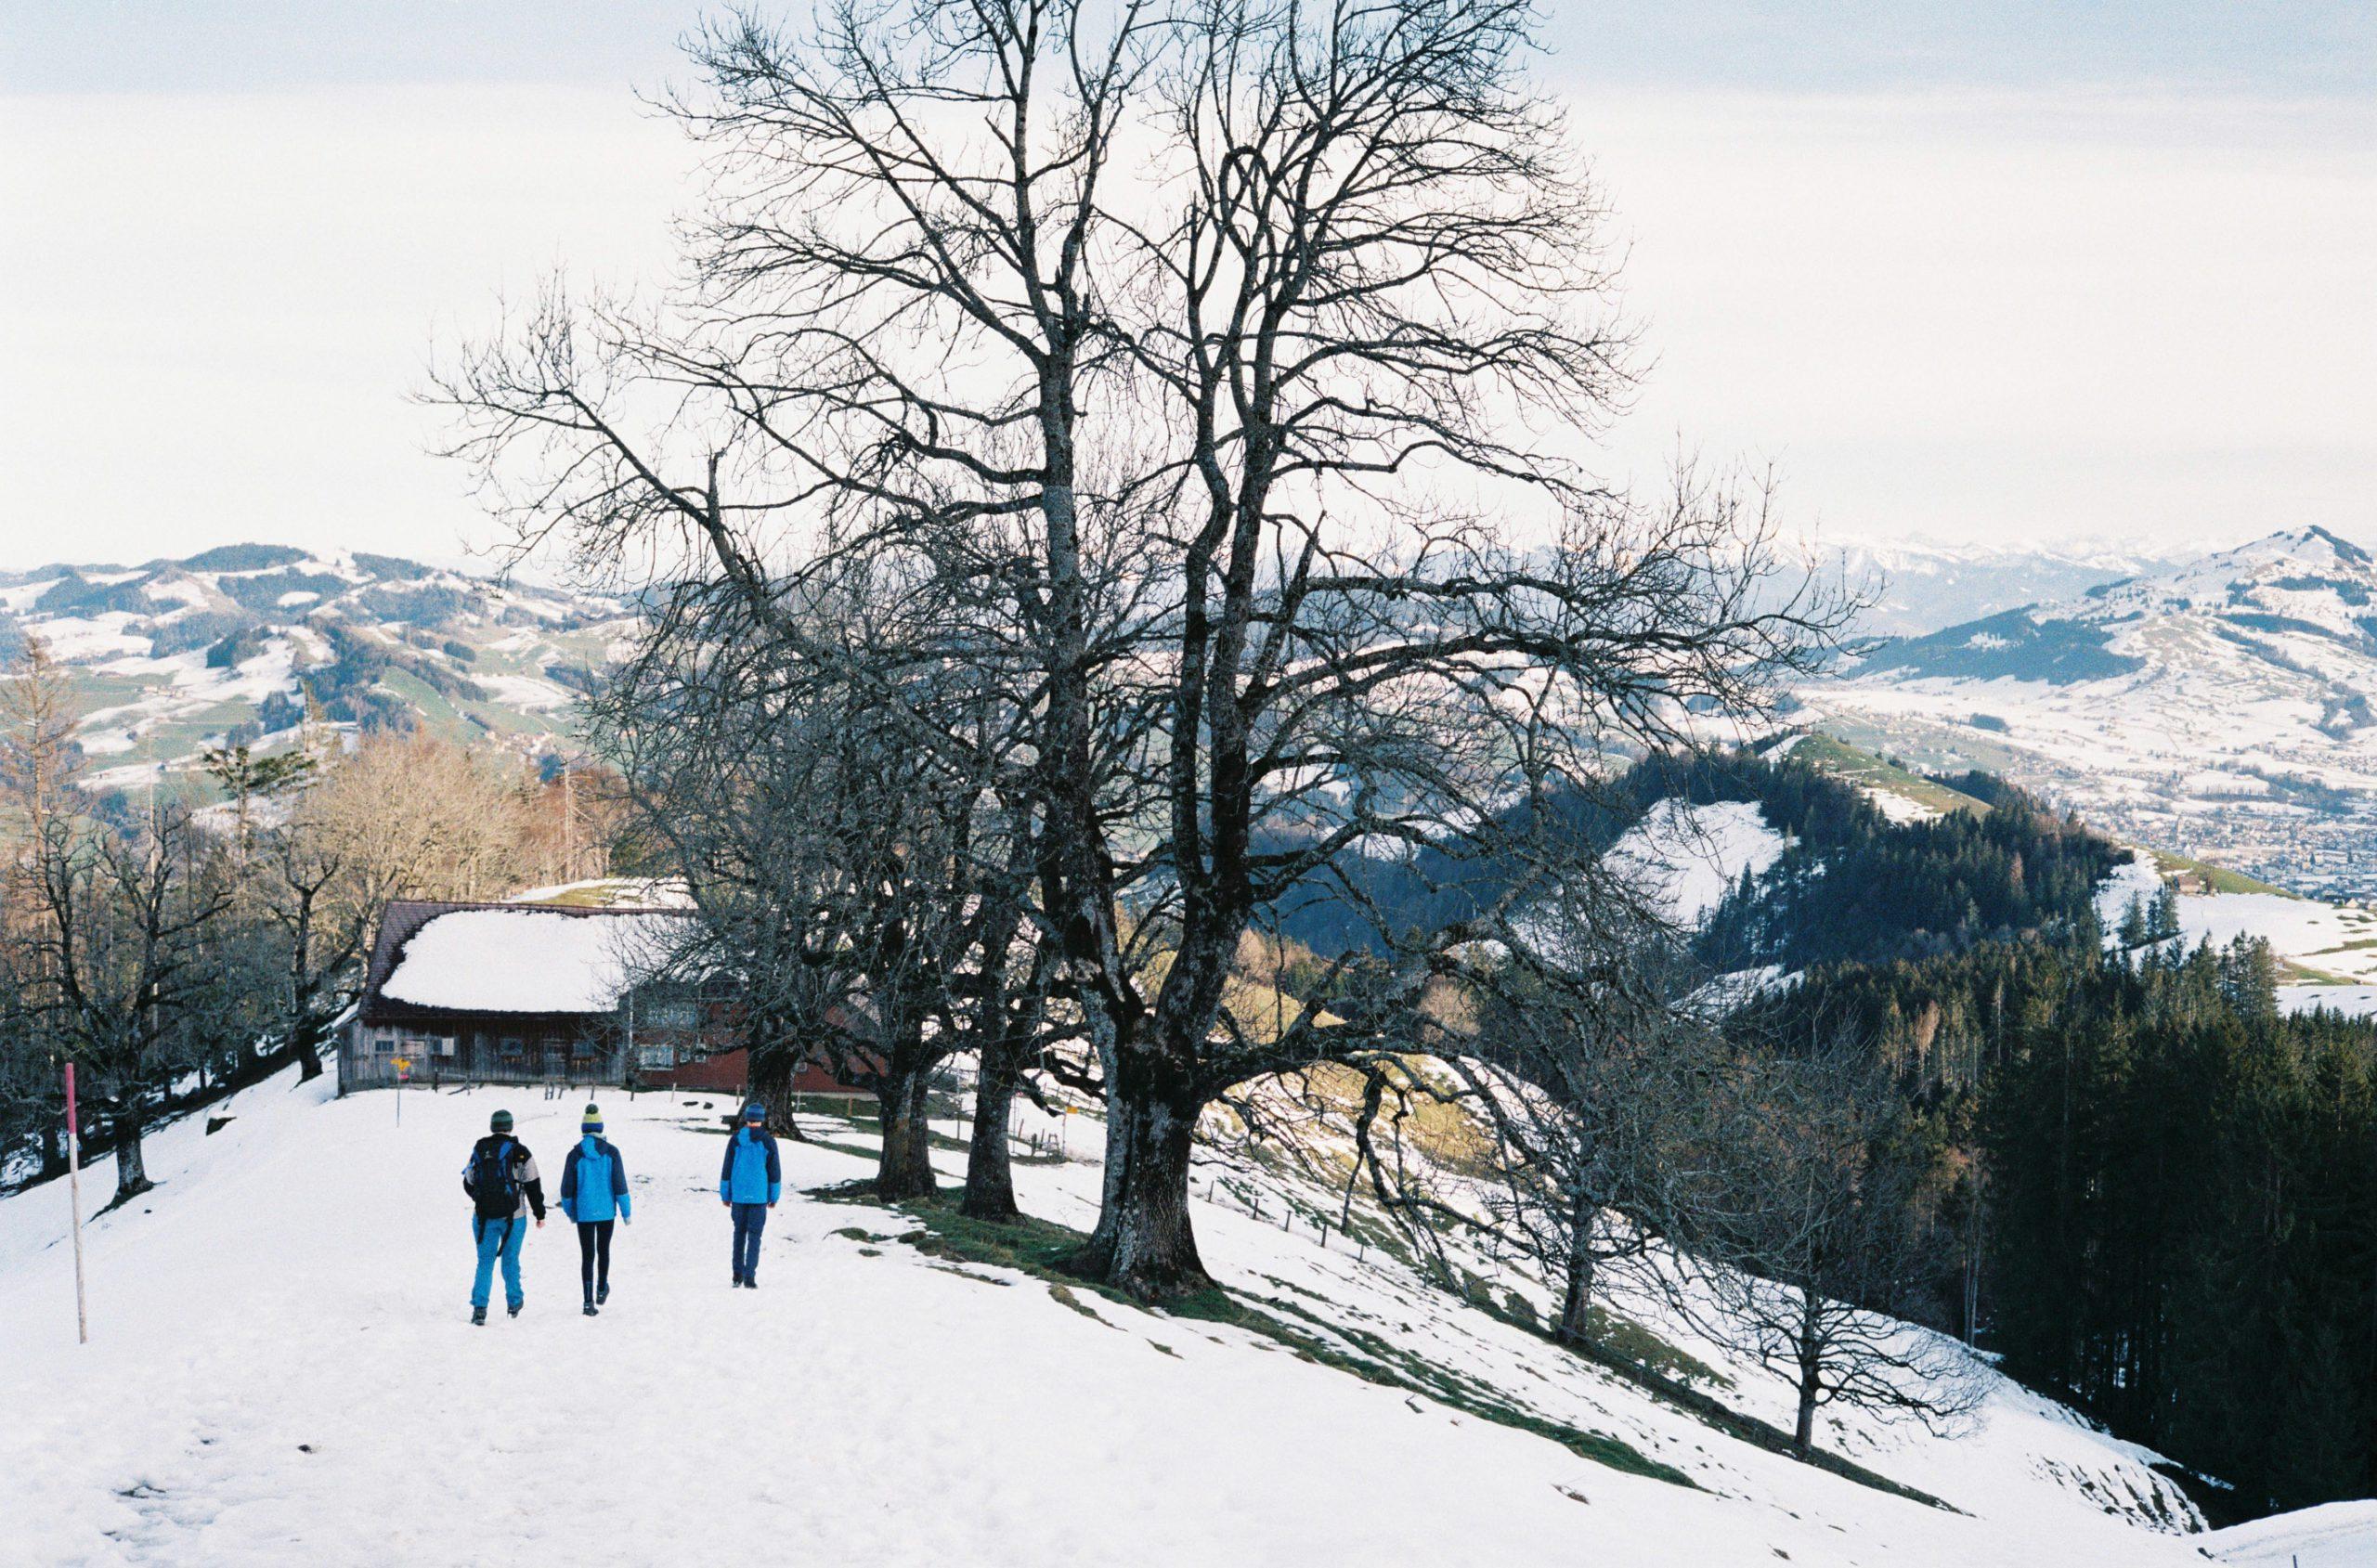 Frühwinter ist der Ostschweiz, wenige Tage vor der Grenzschließung. Summicron-C 40/2 an Leica CL. Fujifilm C200